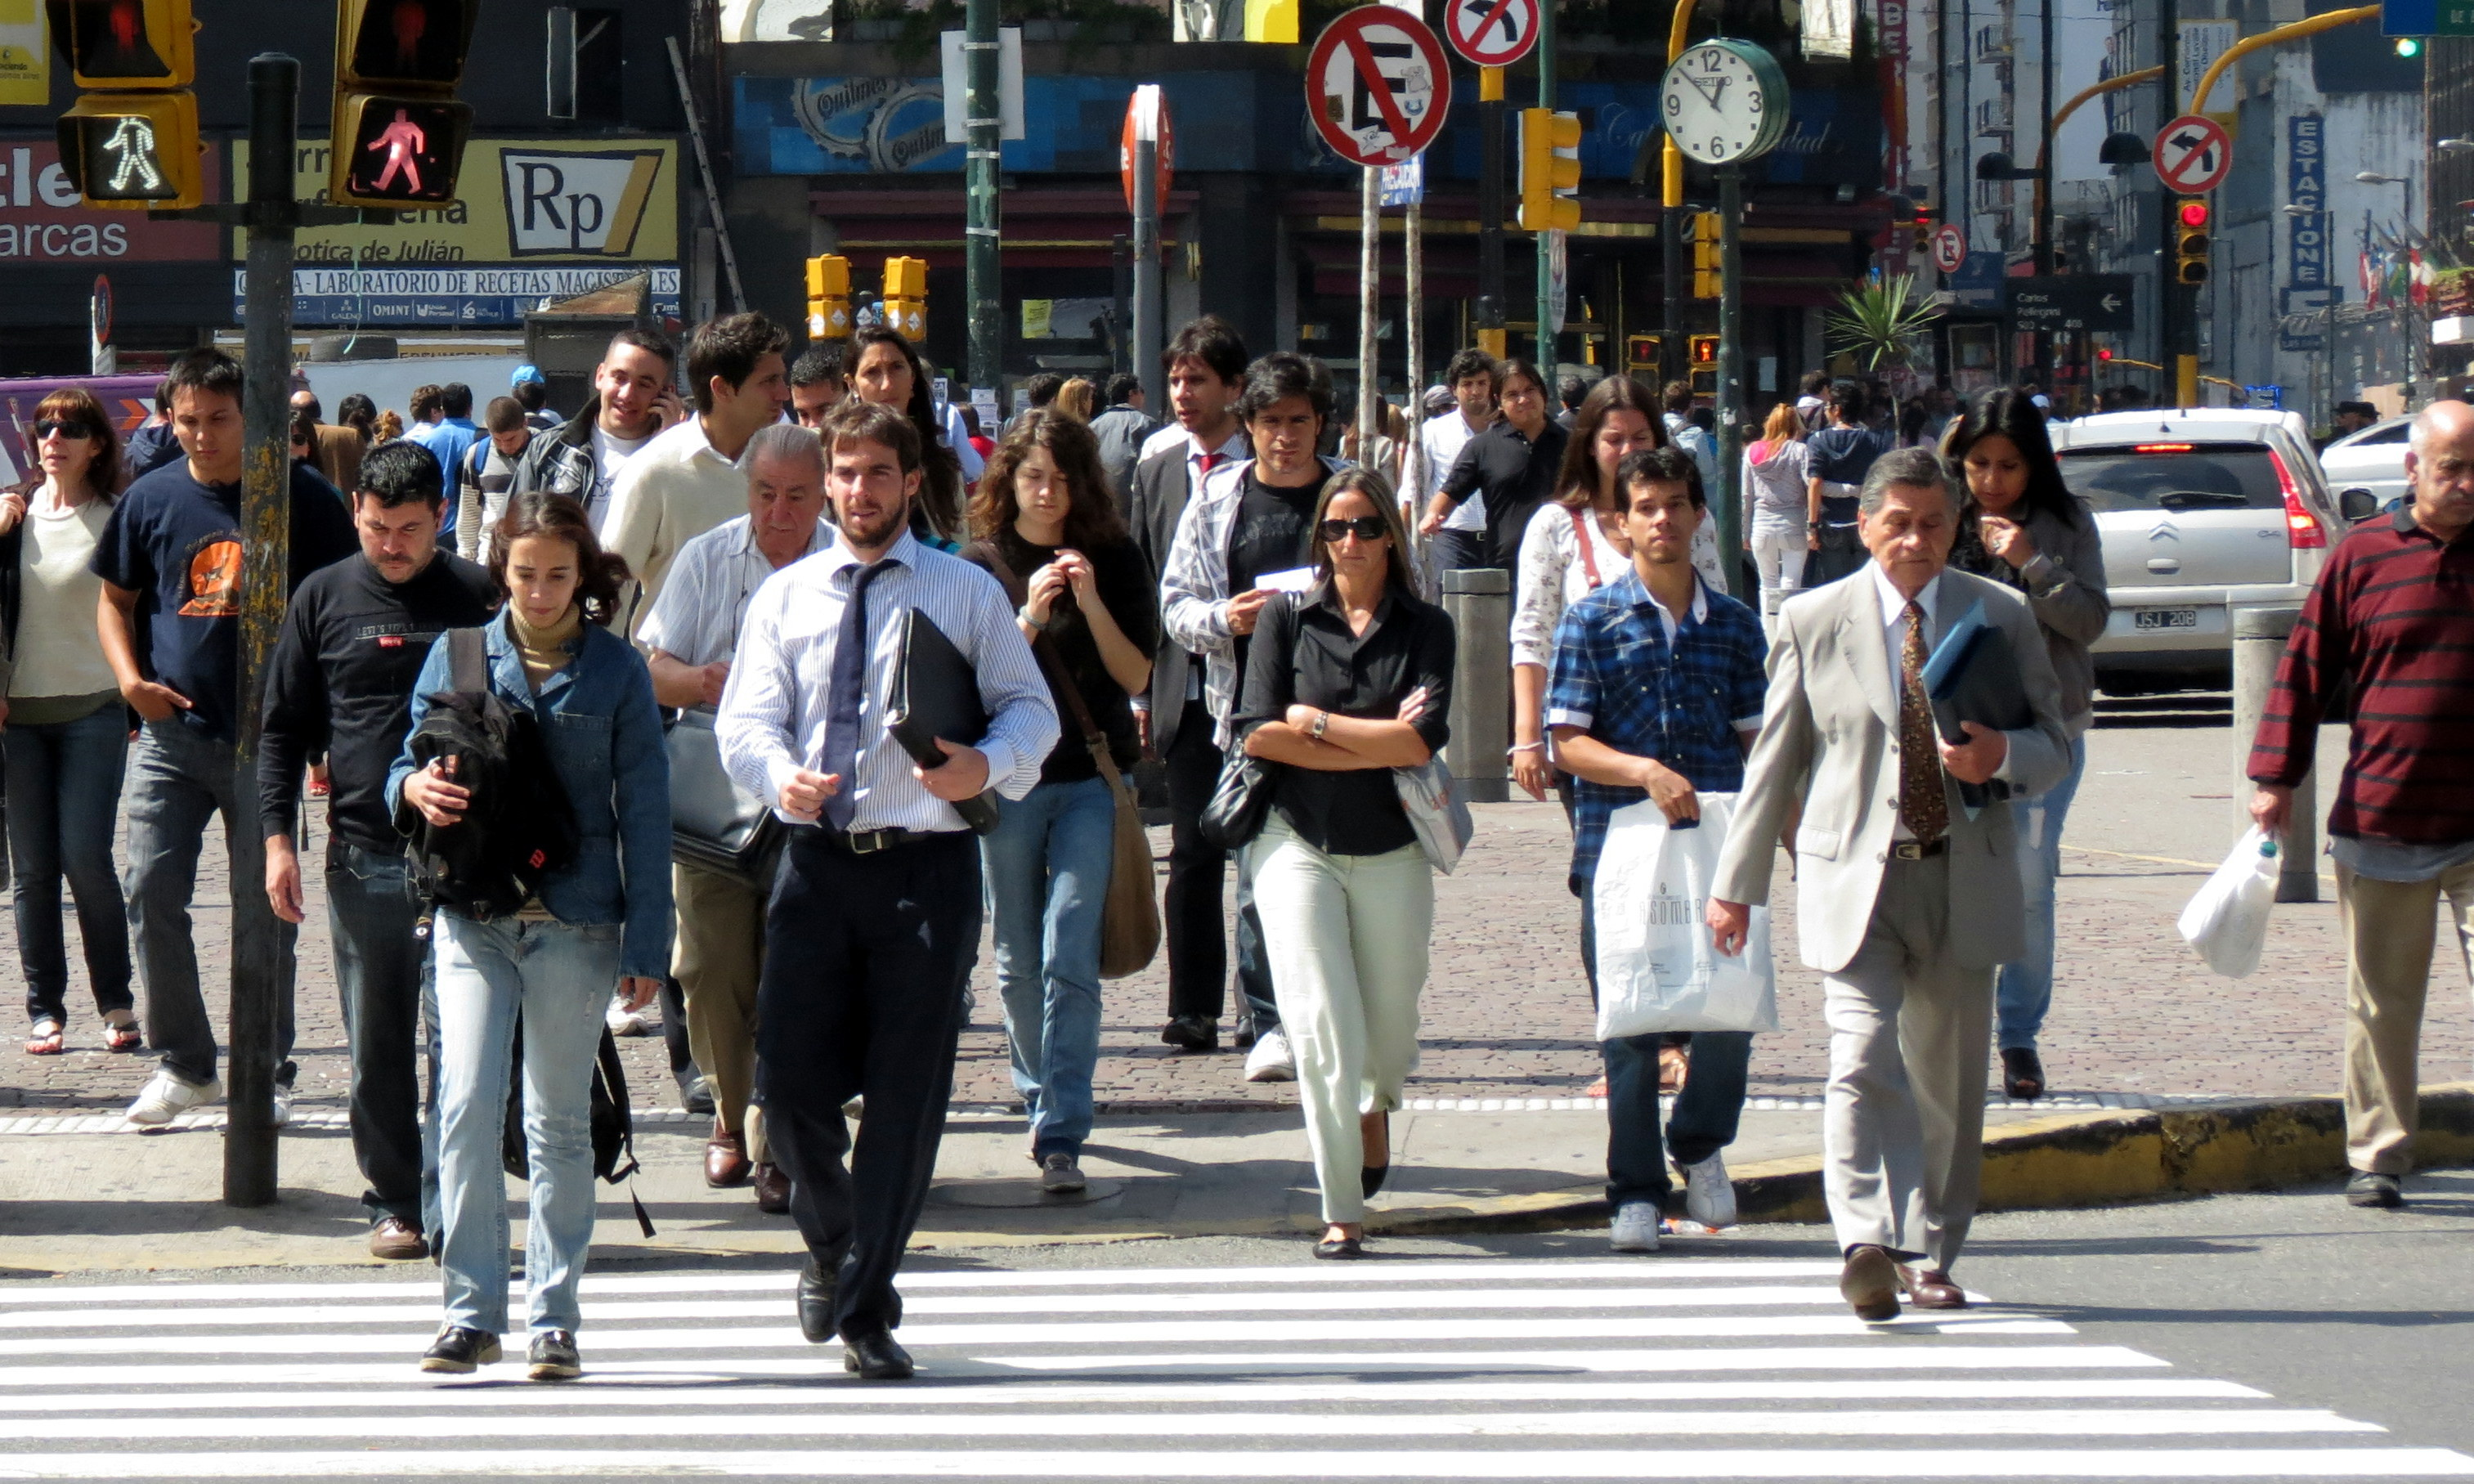 Reflejos e instantes en la calles de buenos aires for Busqueda de telefonos por calles